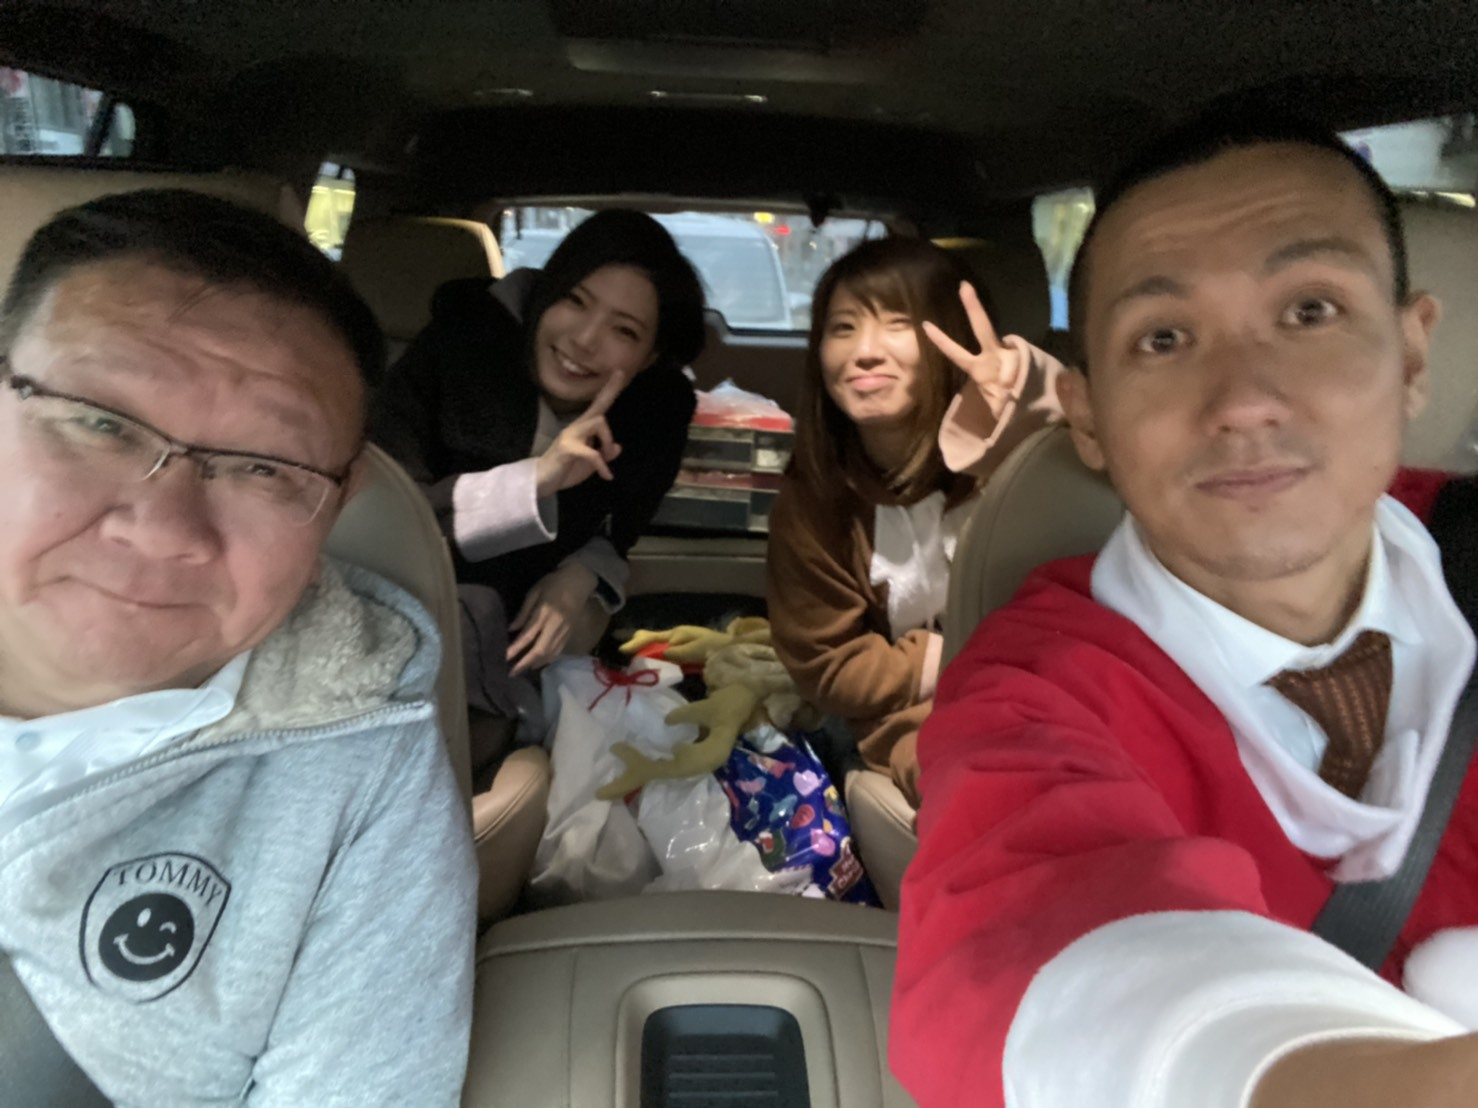 メリークリスマス(^^♪TOMMYサンタも出動!!!G社様 納車(^^)/ エスカレード、ハマー、ハイエース_b0127002_18044452.jpg